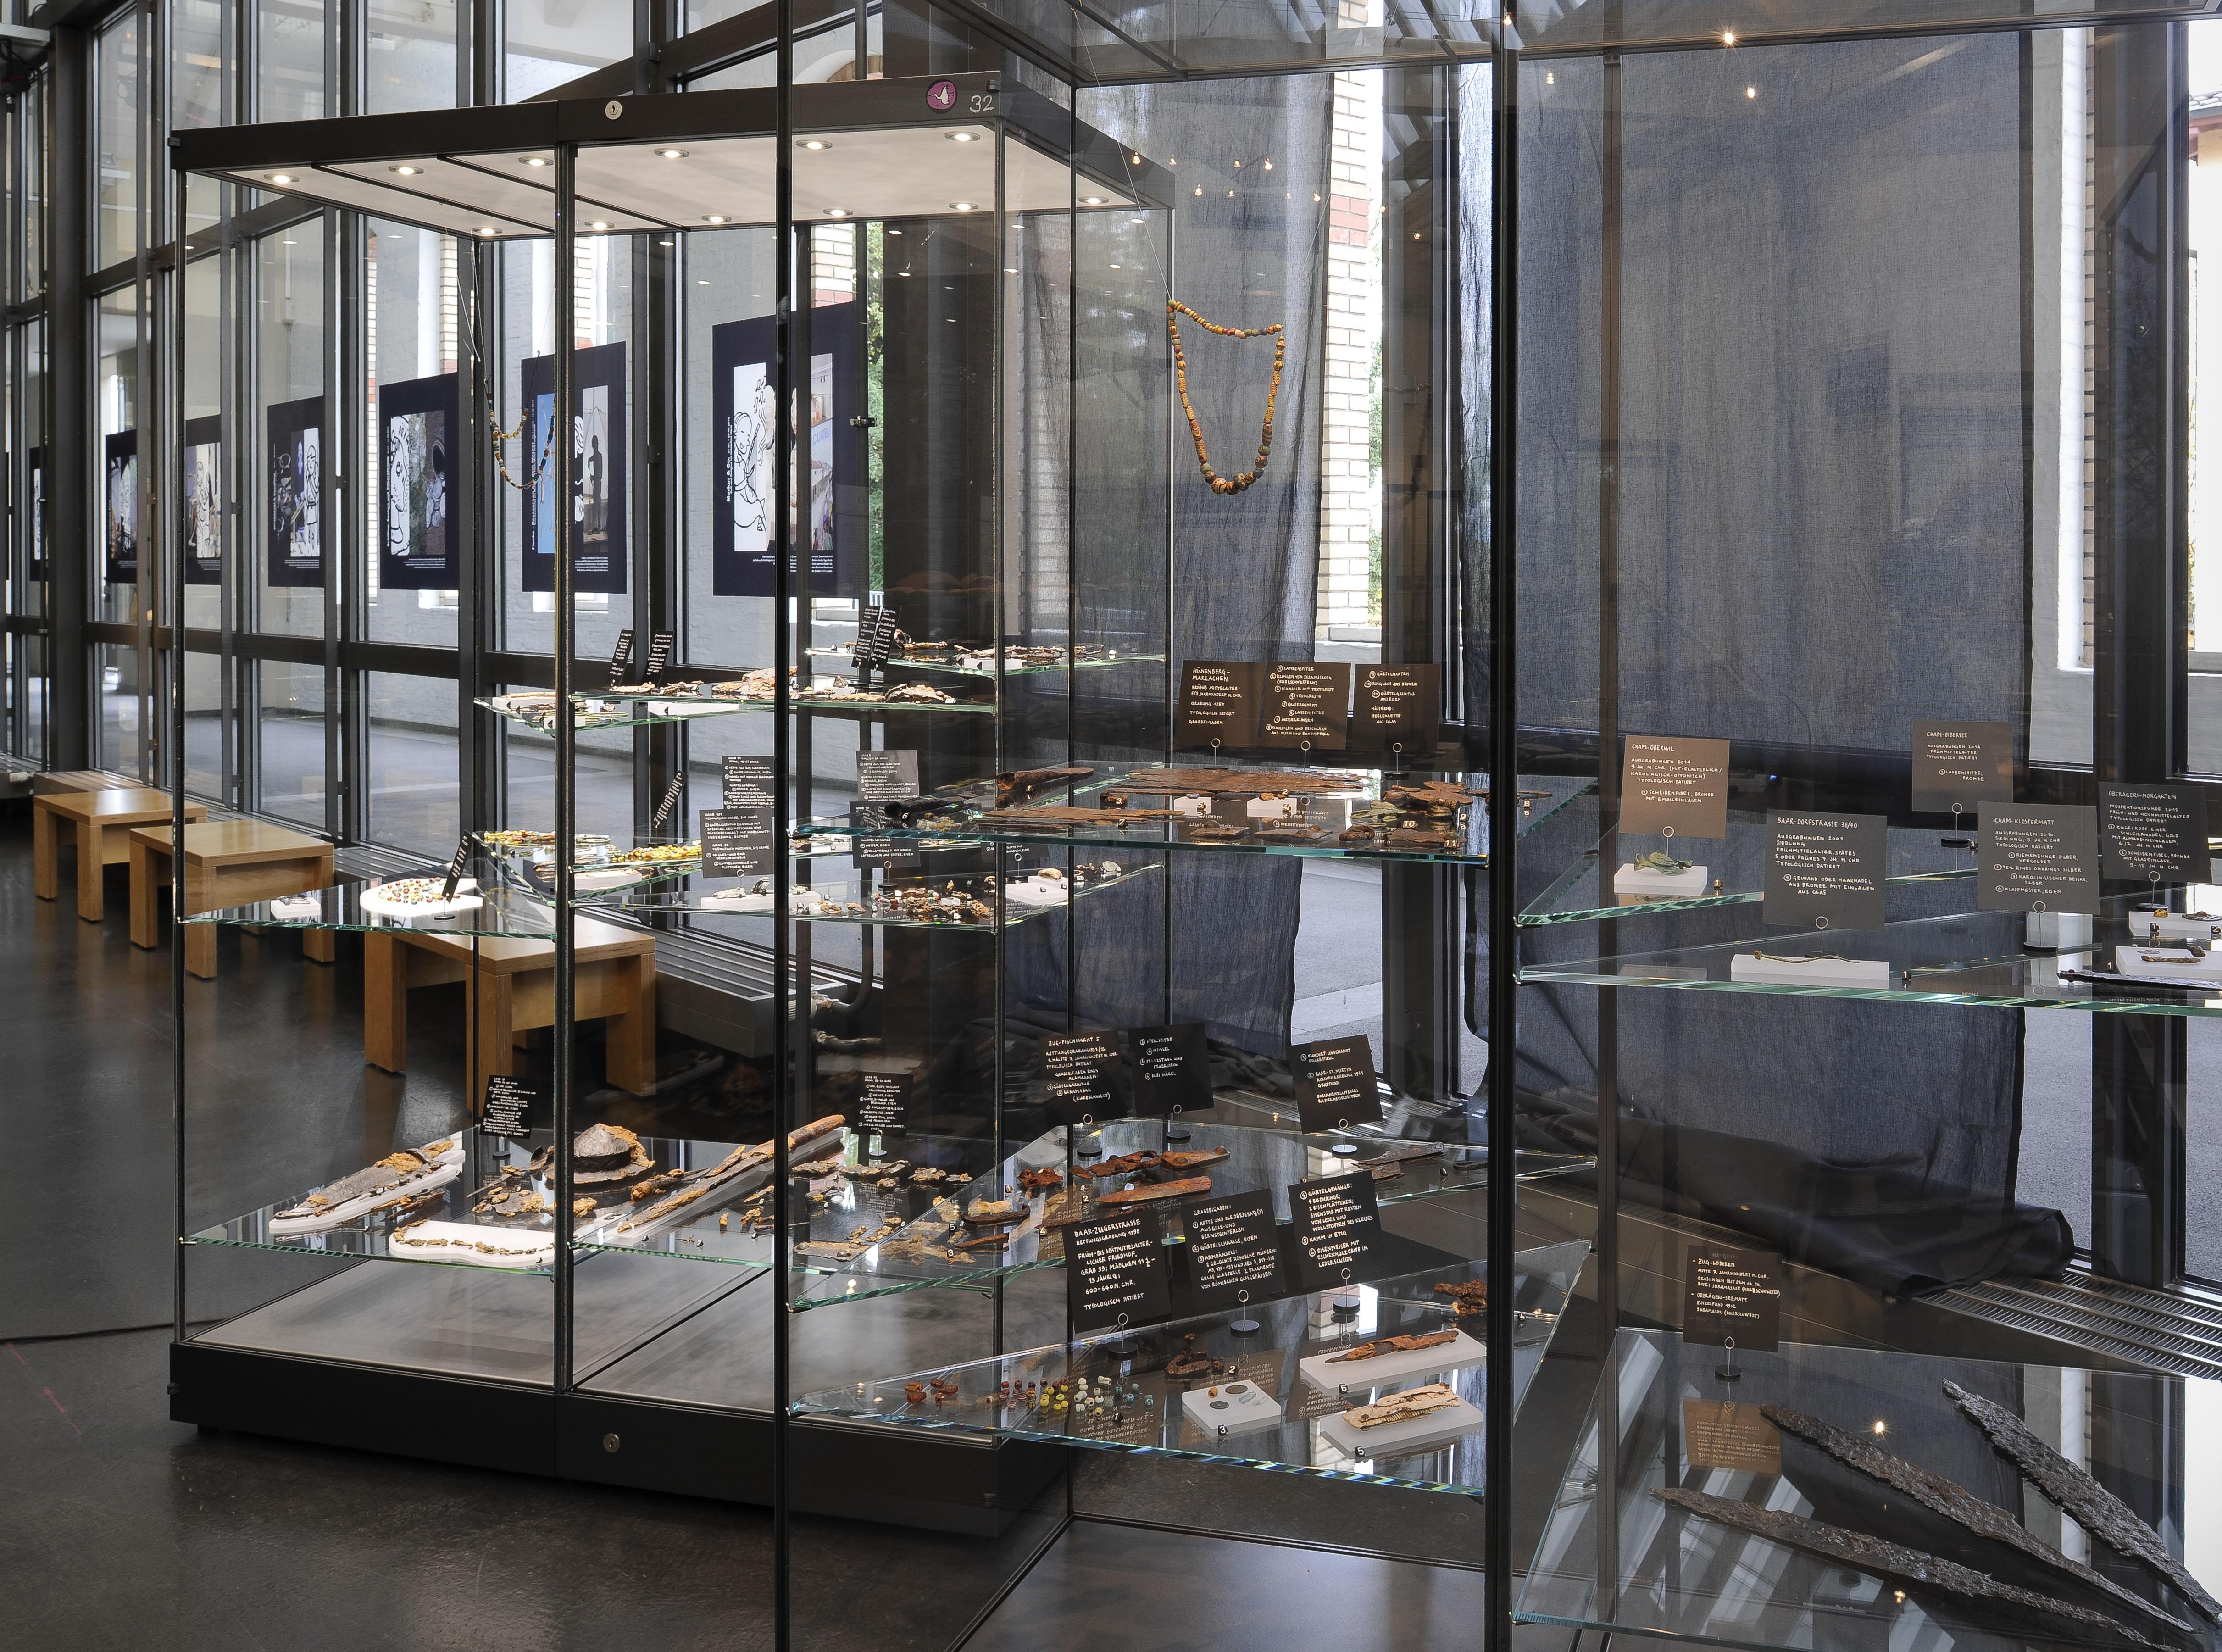 Der eben neu eingerichtete Ausstellungsteil zum Frühmittelalter.